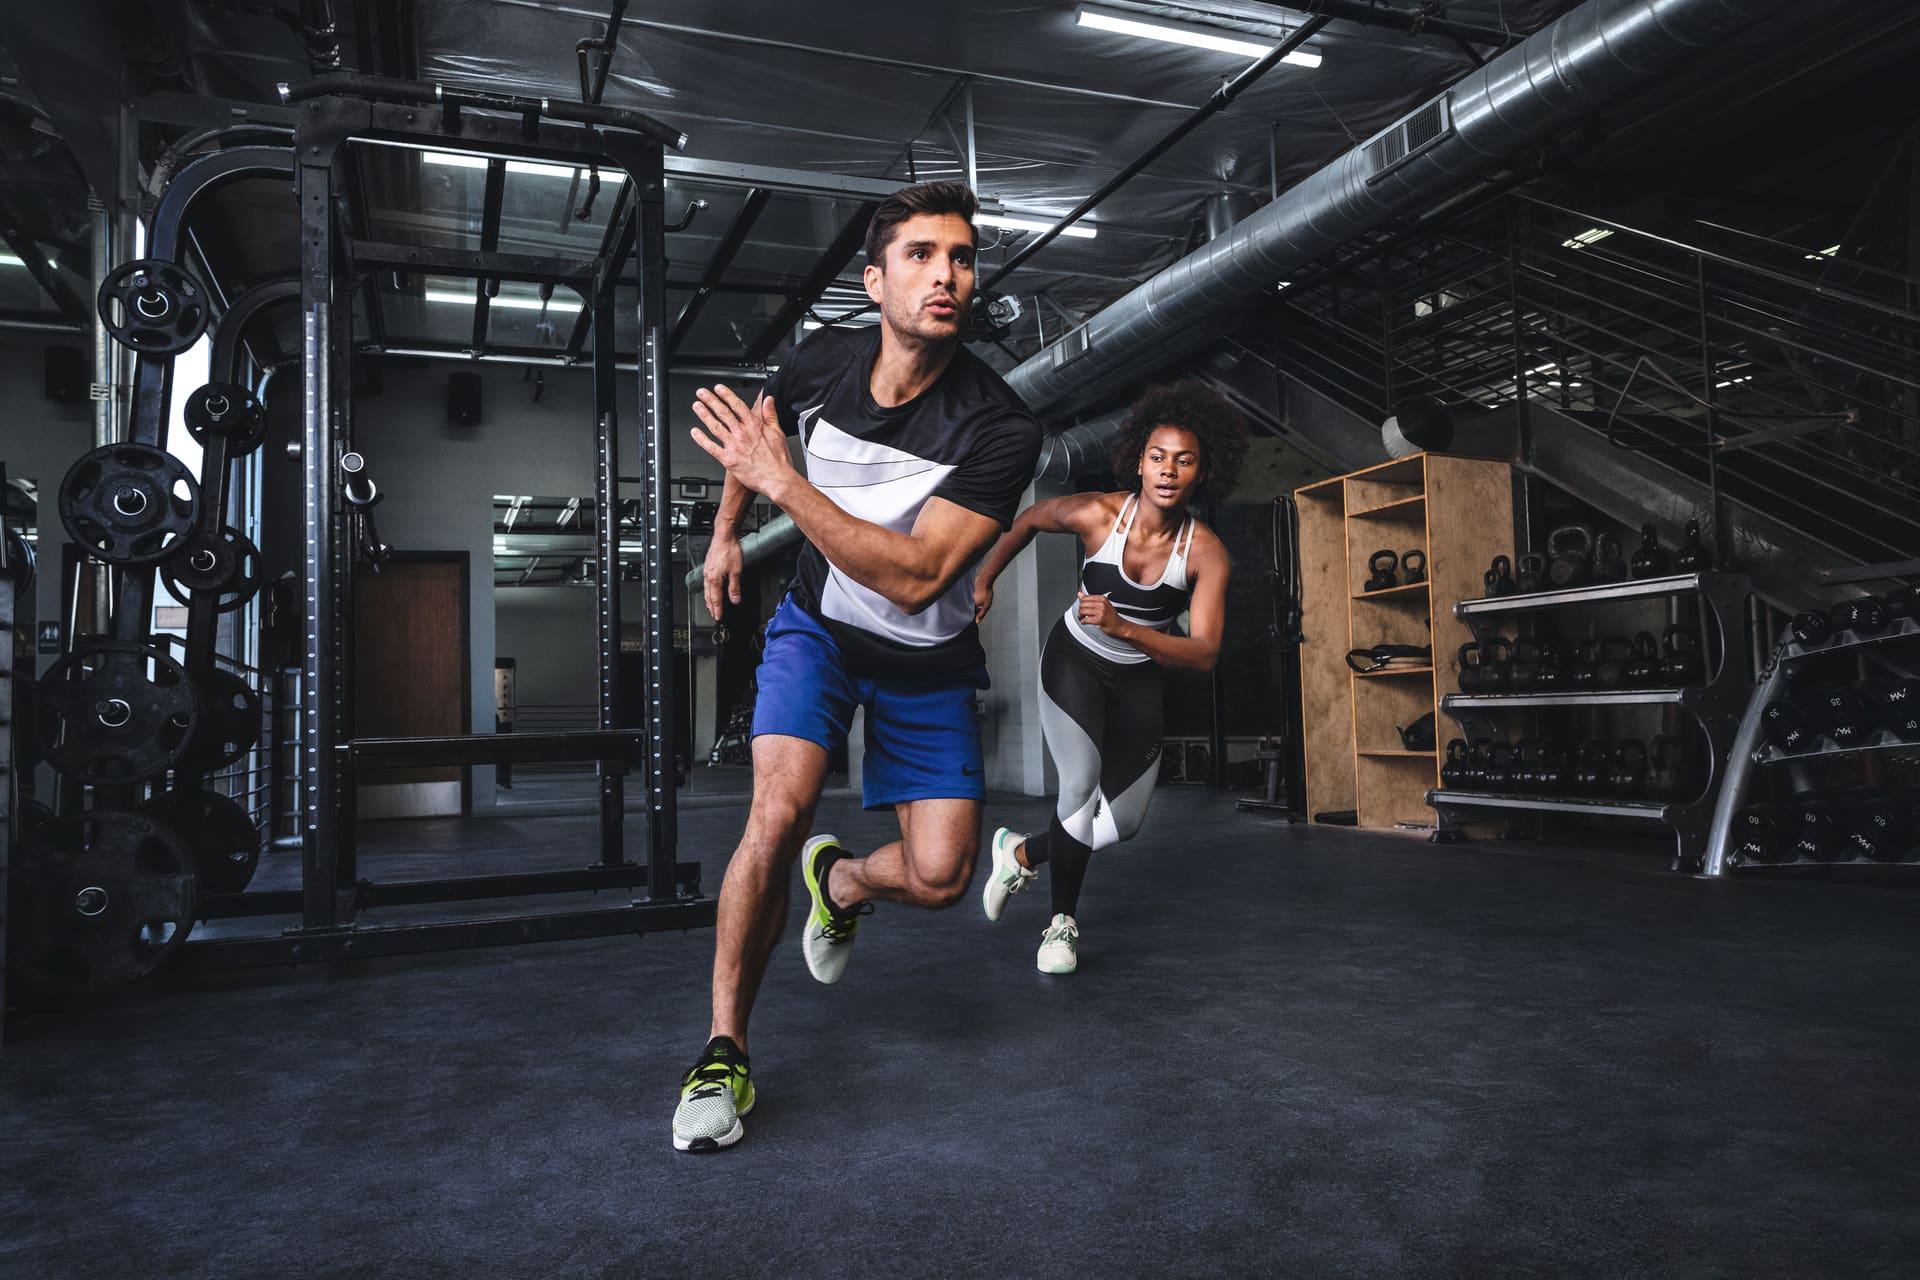 sabio Repegar Tranquilidad de espíritu  Qué ofrece Nike Training Club? | Ayuda de Nike